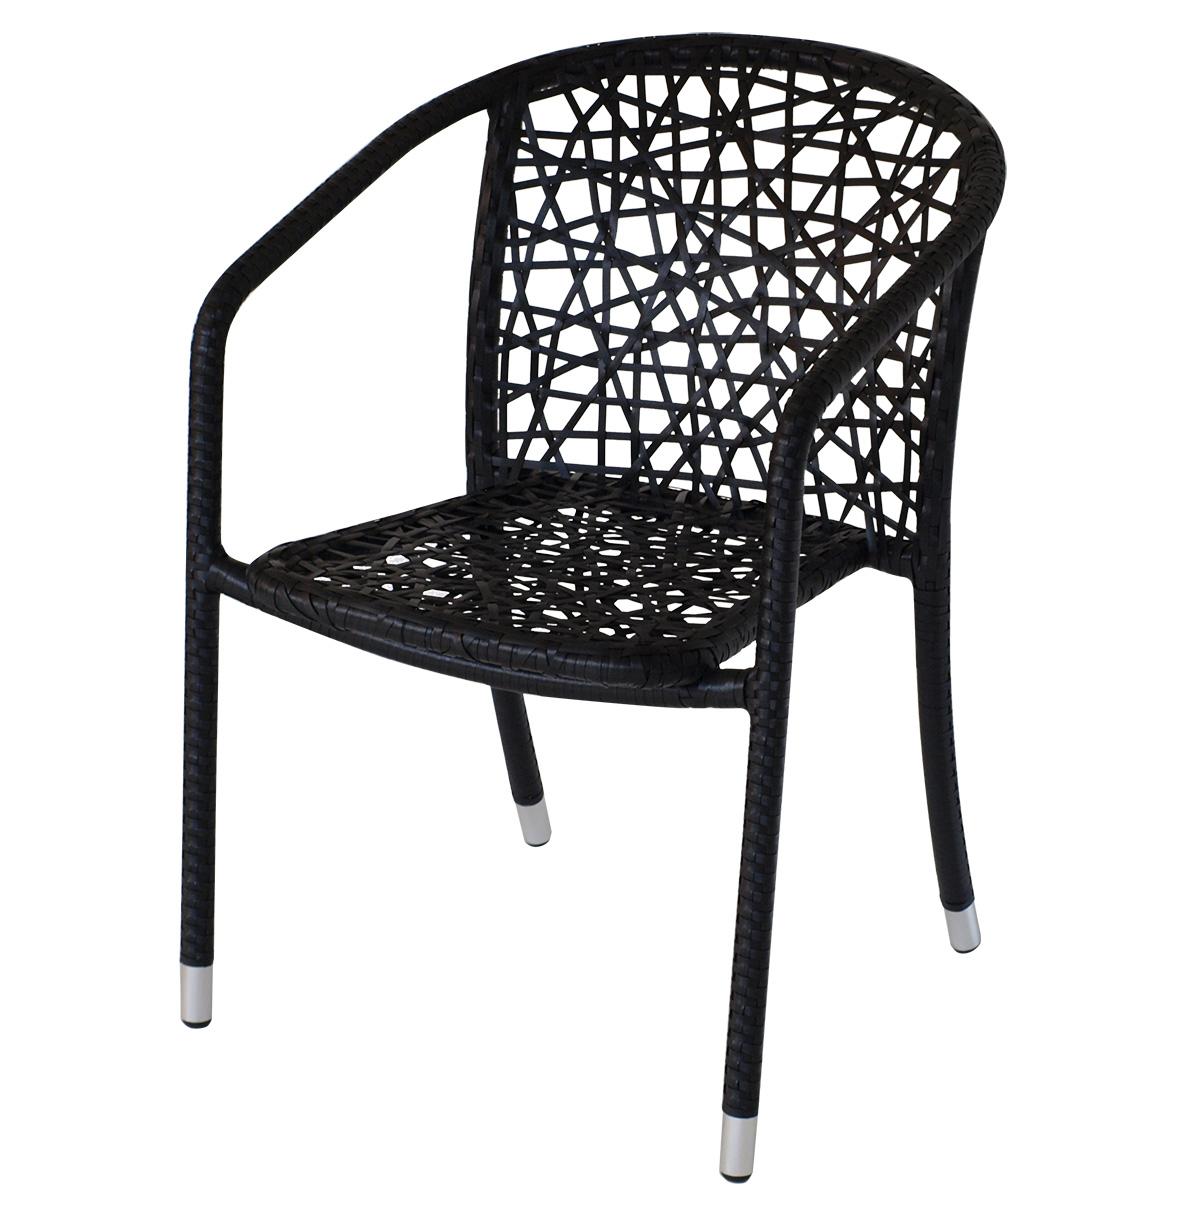 designer stapelsessel bistrosessel pumori alu geflecht. Black Bedroom Furniture Sets. Home Design Ideas